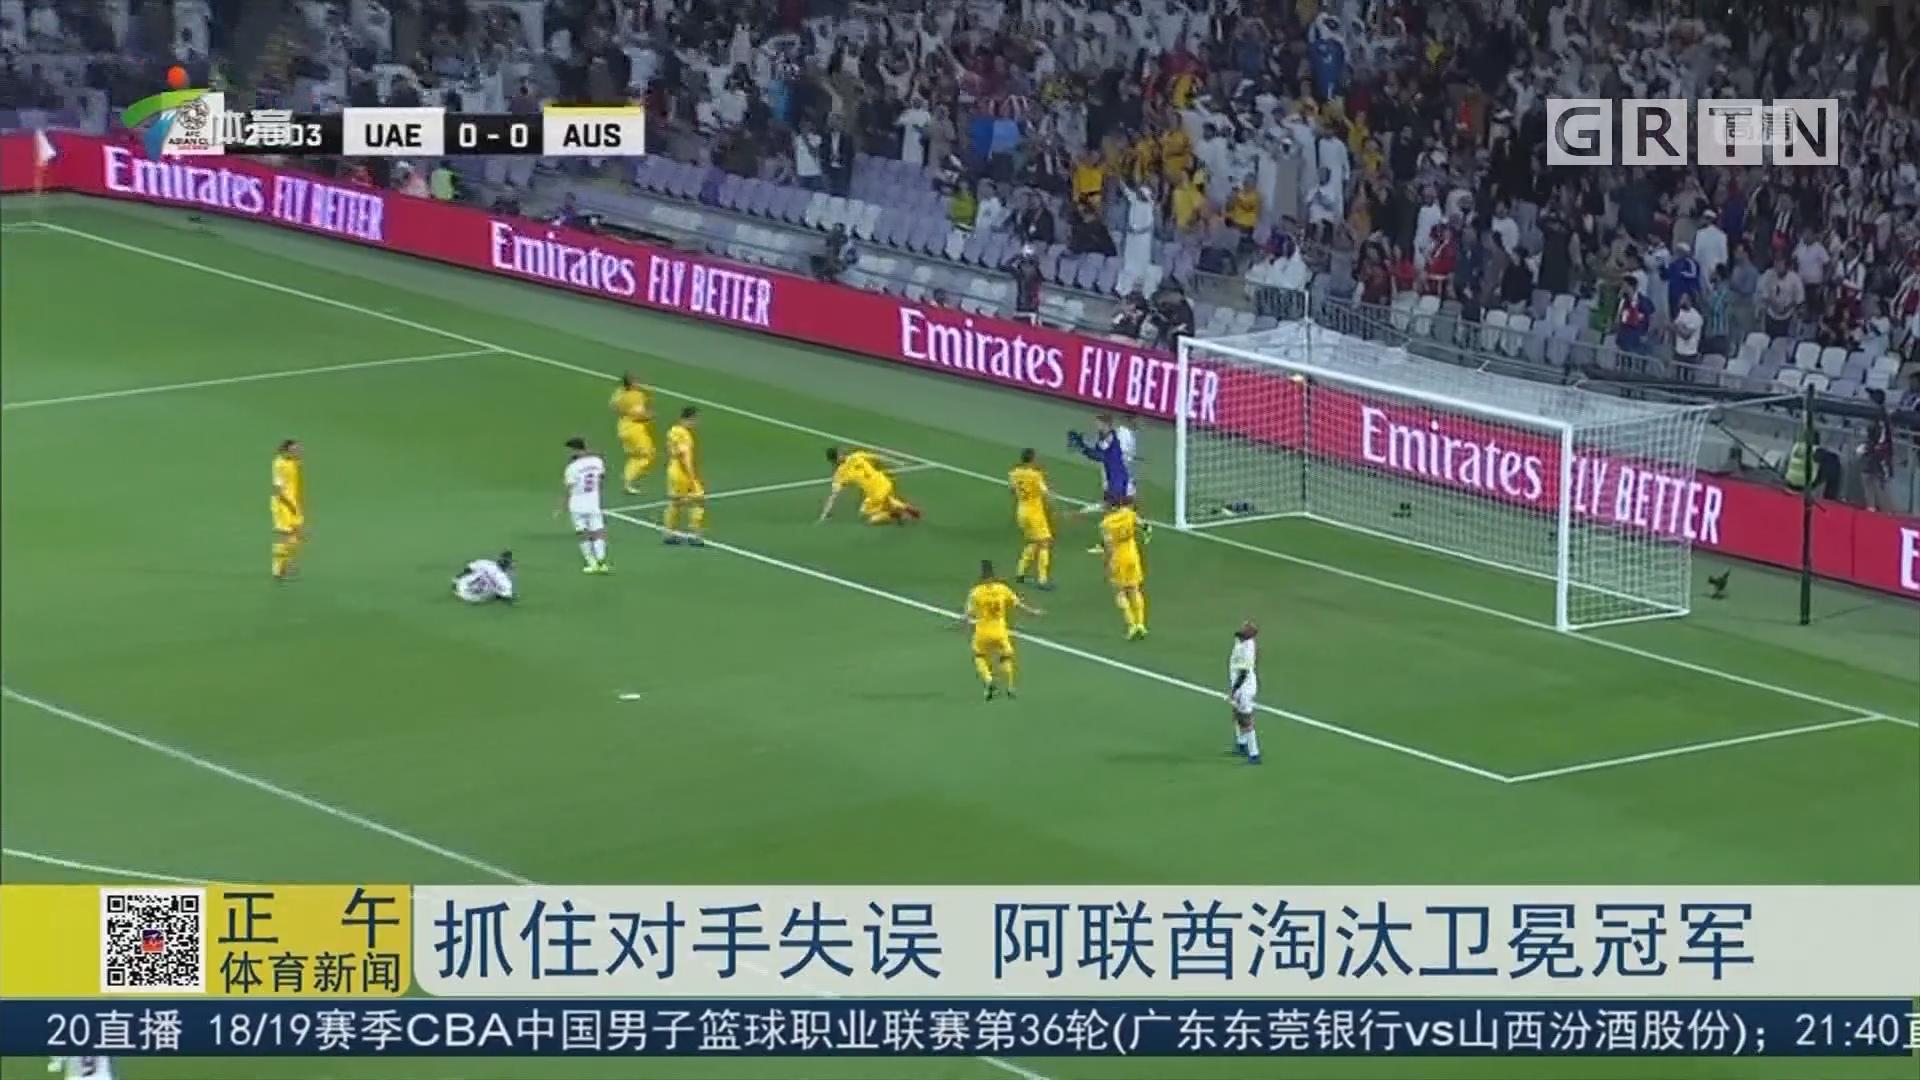 抓住对手失误 阿联酋淘汰卫冕冠军